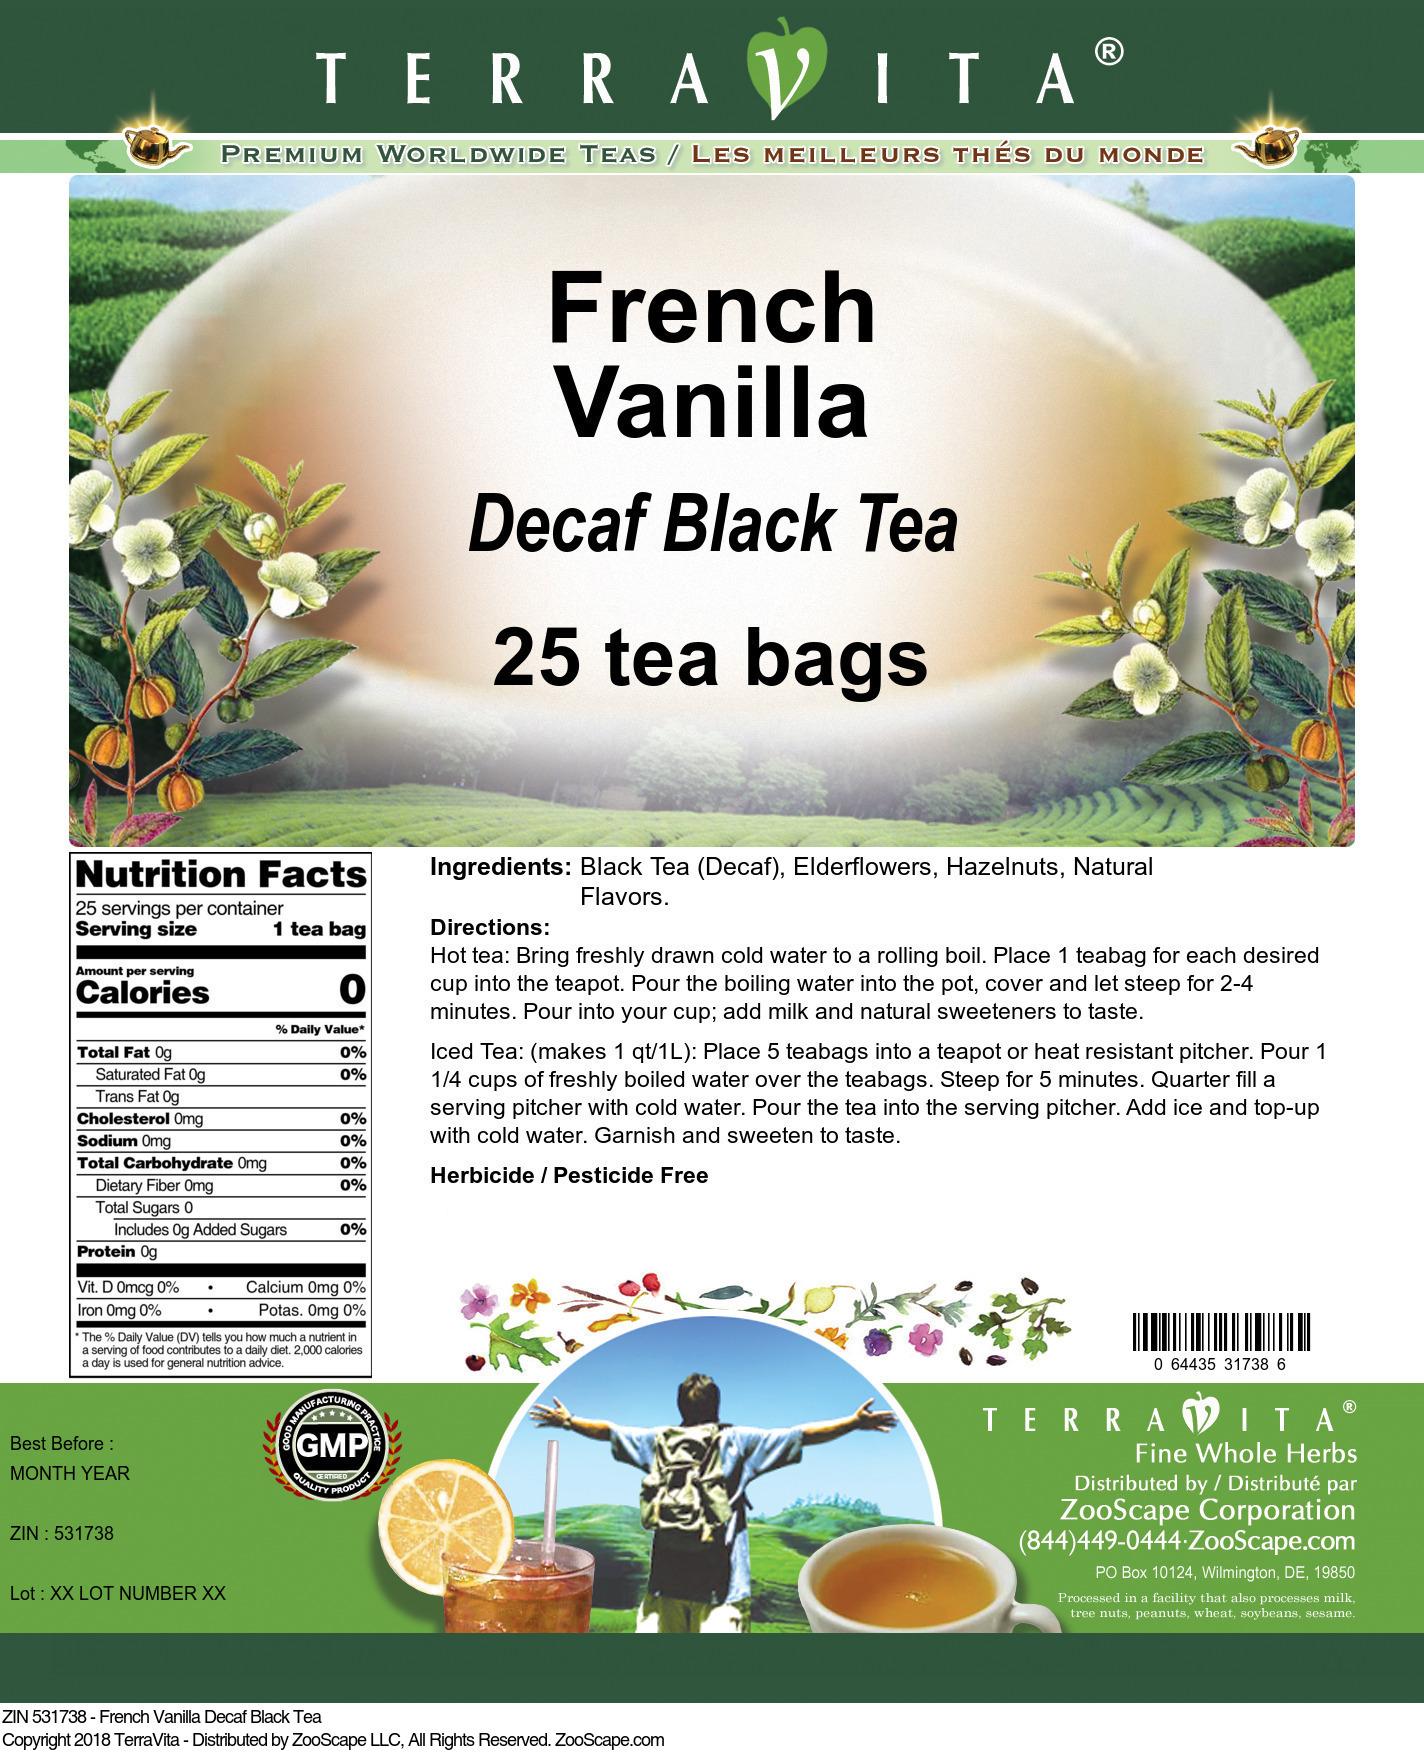 French Vanilla Decaf Black Tea